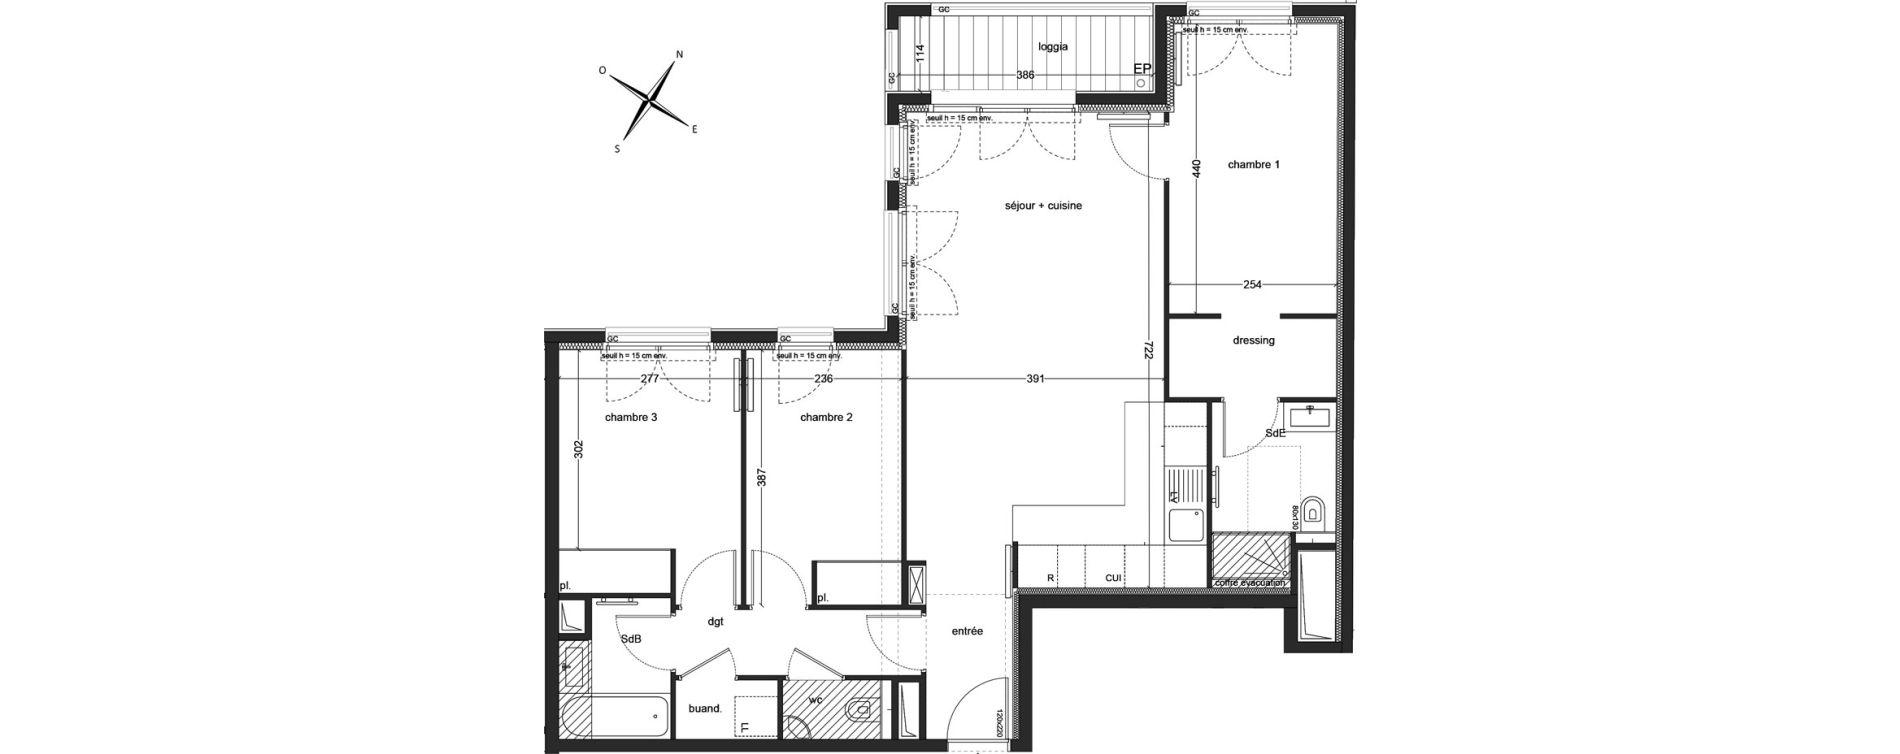 Appartement T4 de 81,40 m2 à Clichy Mairie de clichy